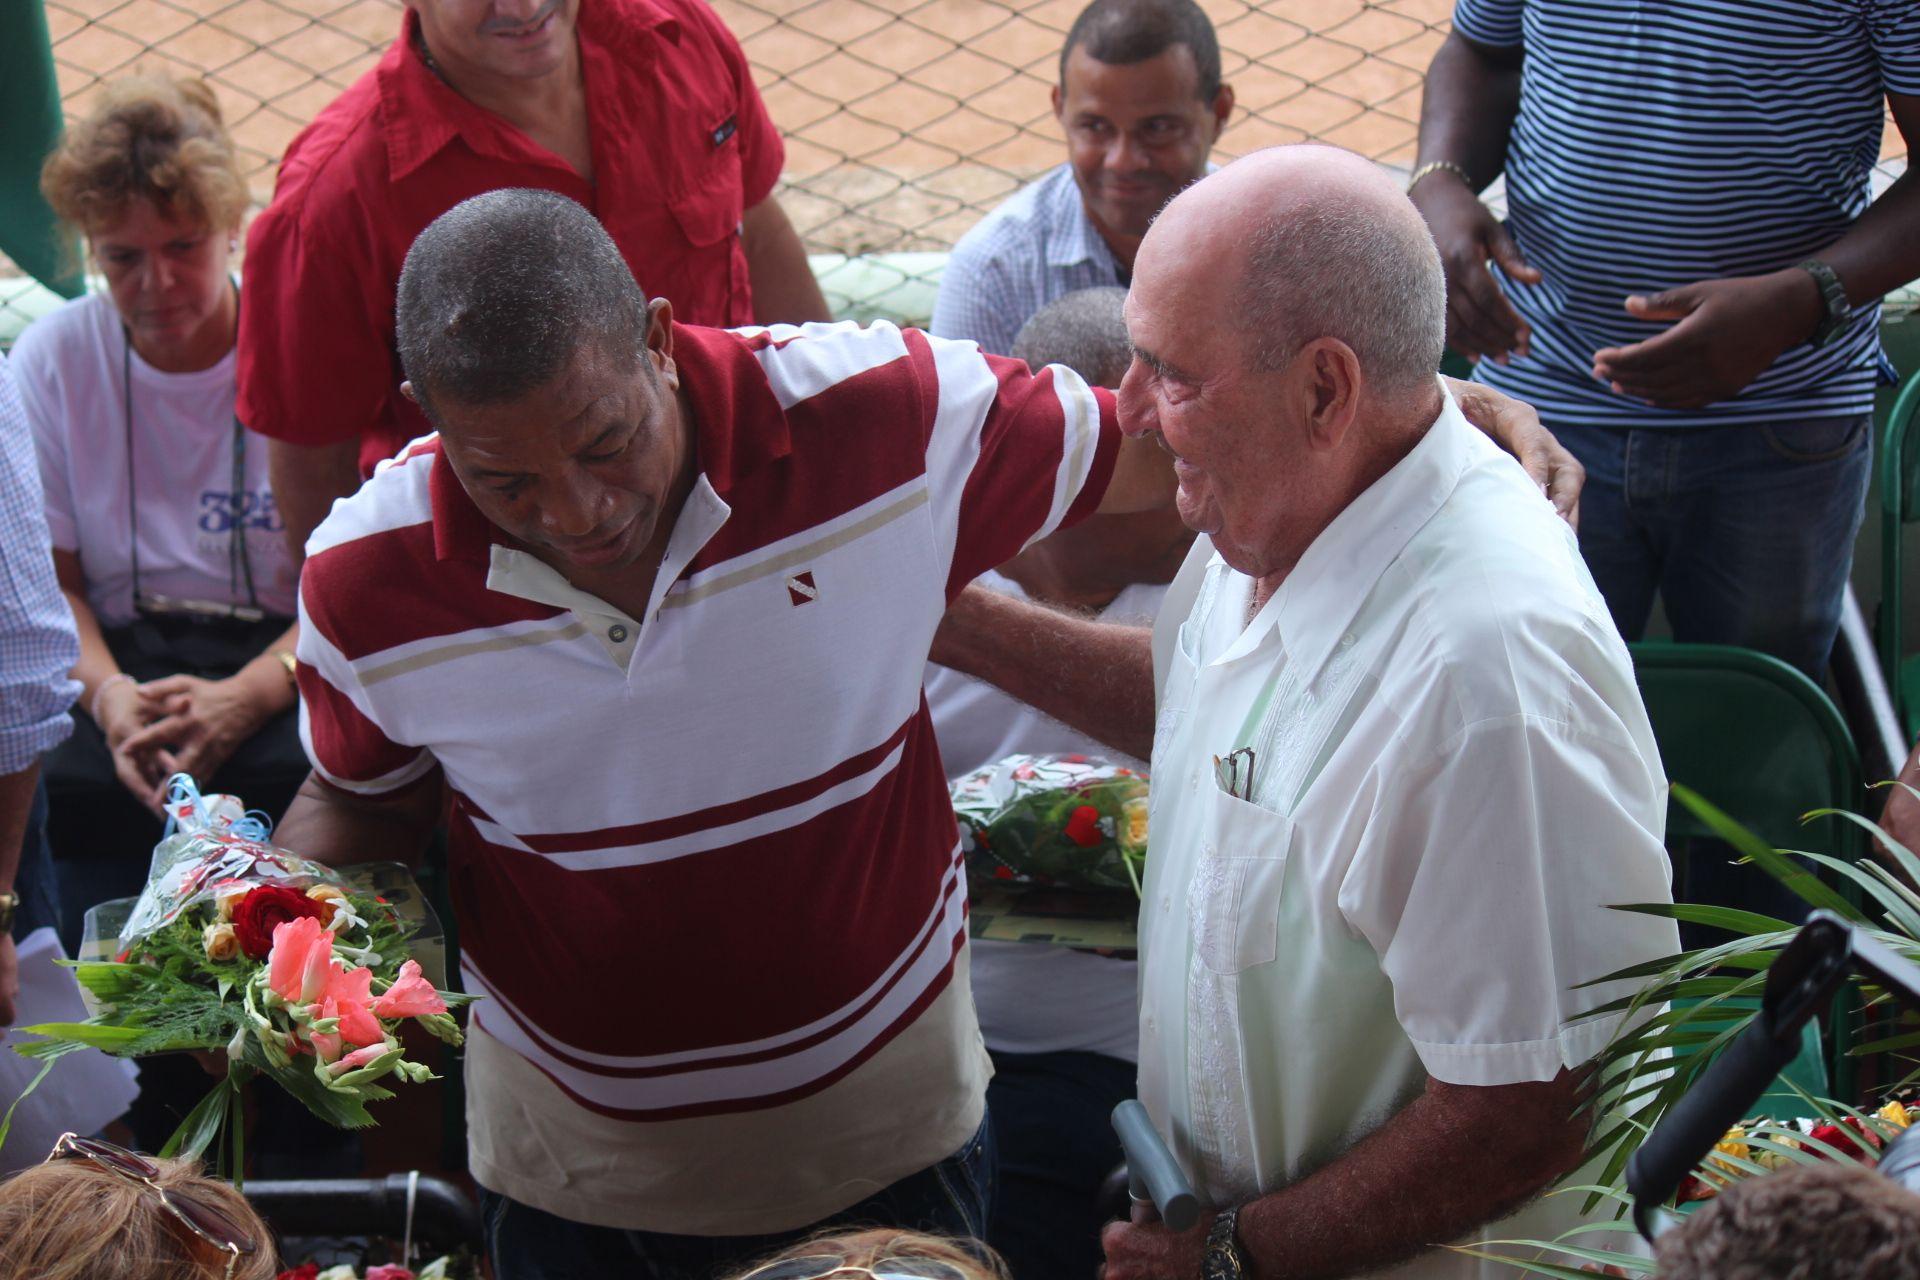 Tomás Soto (derecha) es una de las figuras ilustres del béisbol matancero. Foto: Isabel Aguilera Aguilar/Trabajadores